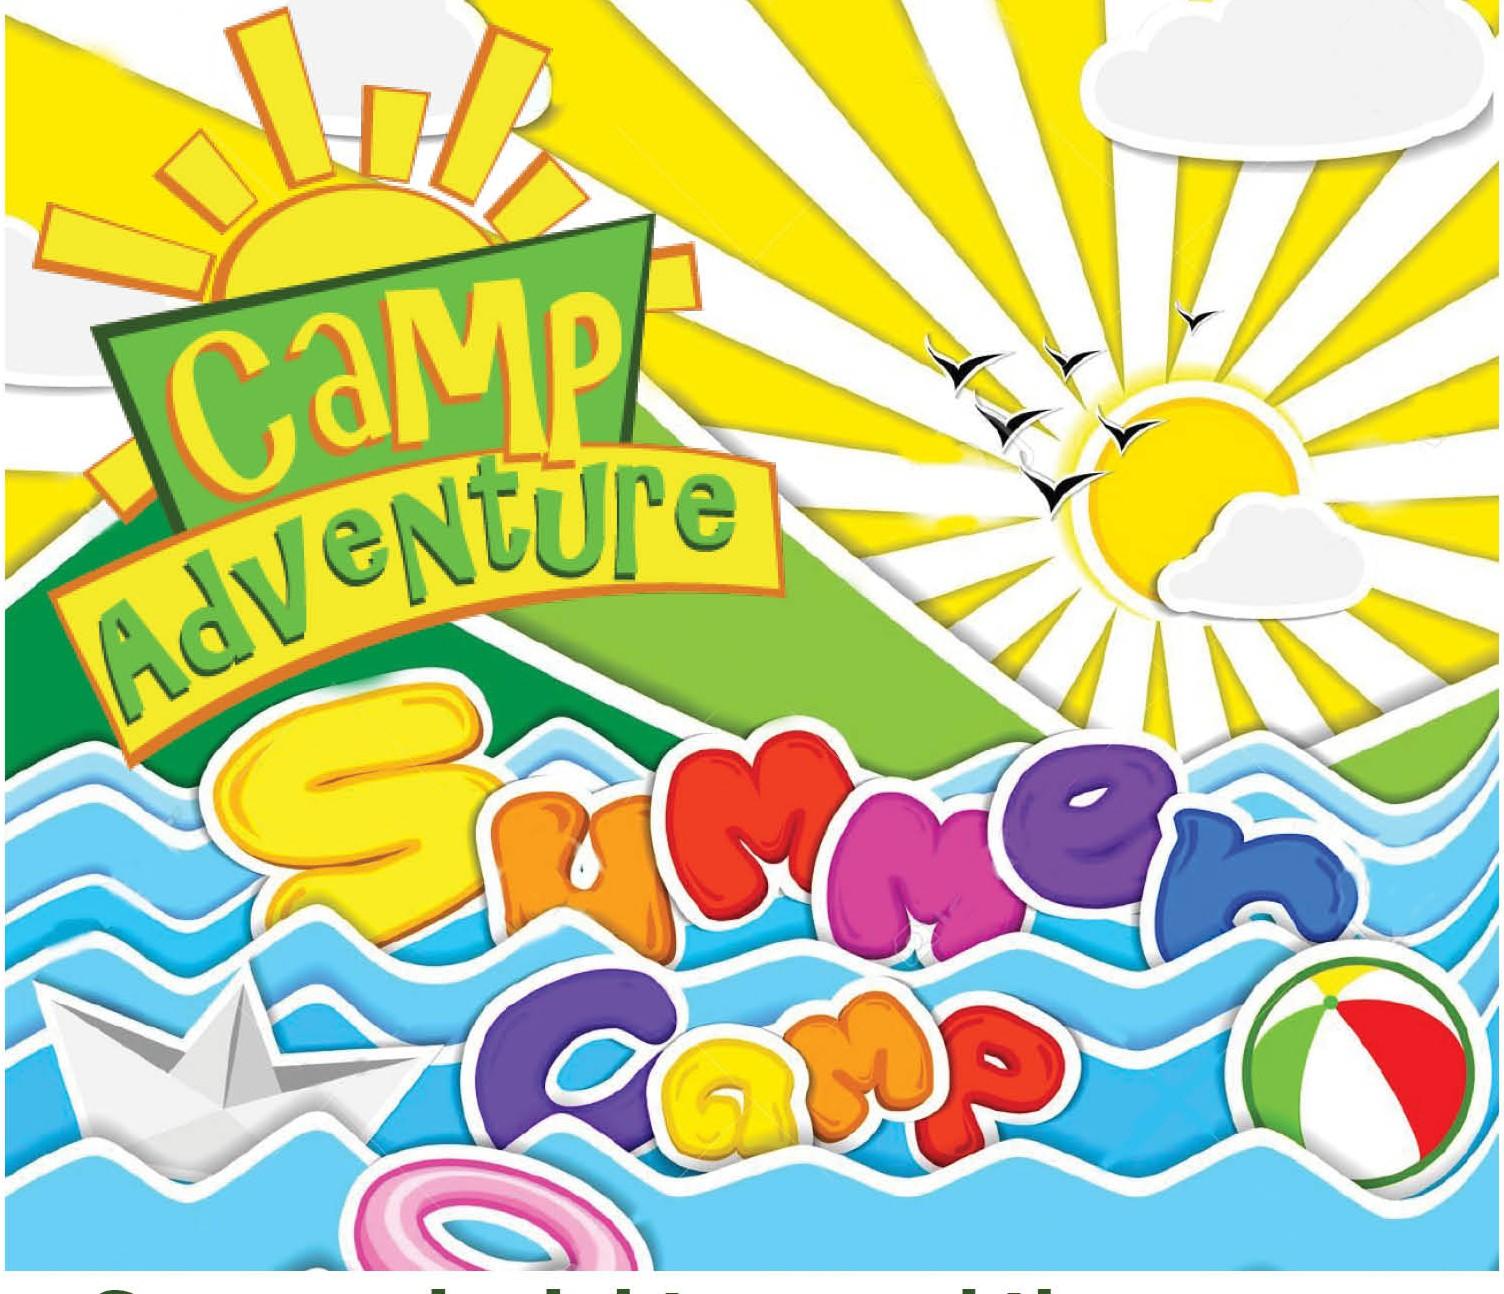 Camp adventure_112205